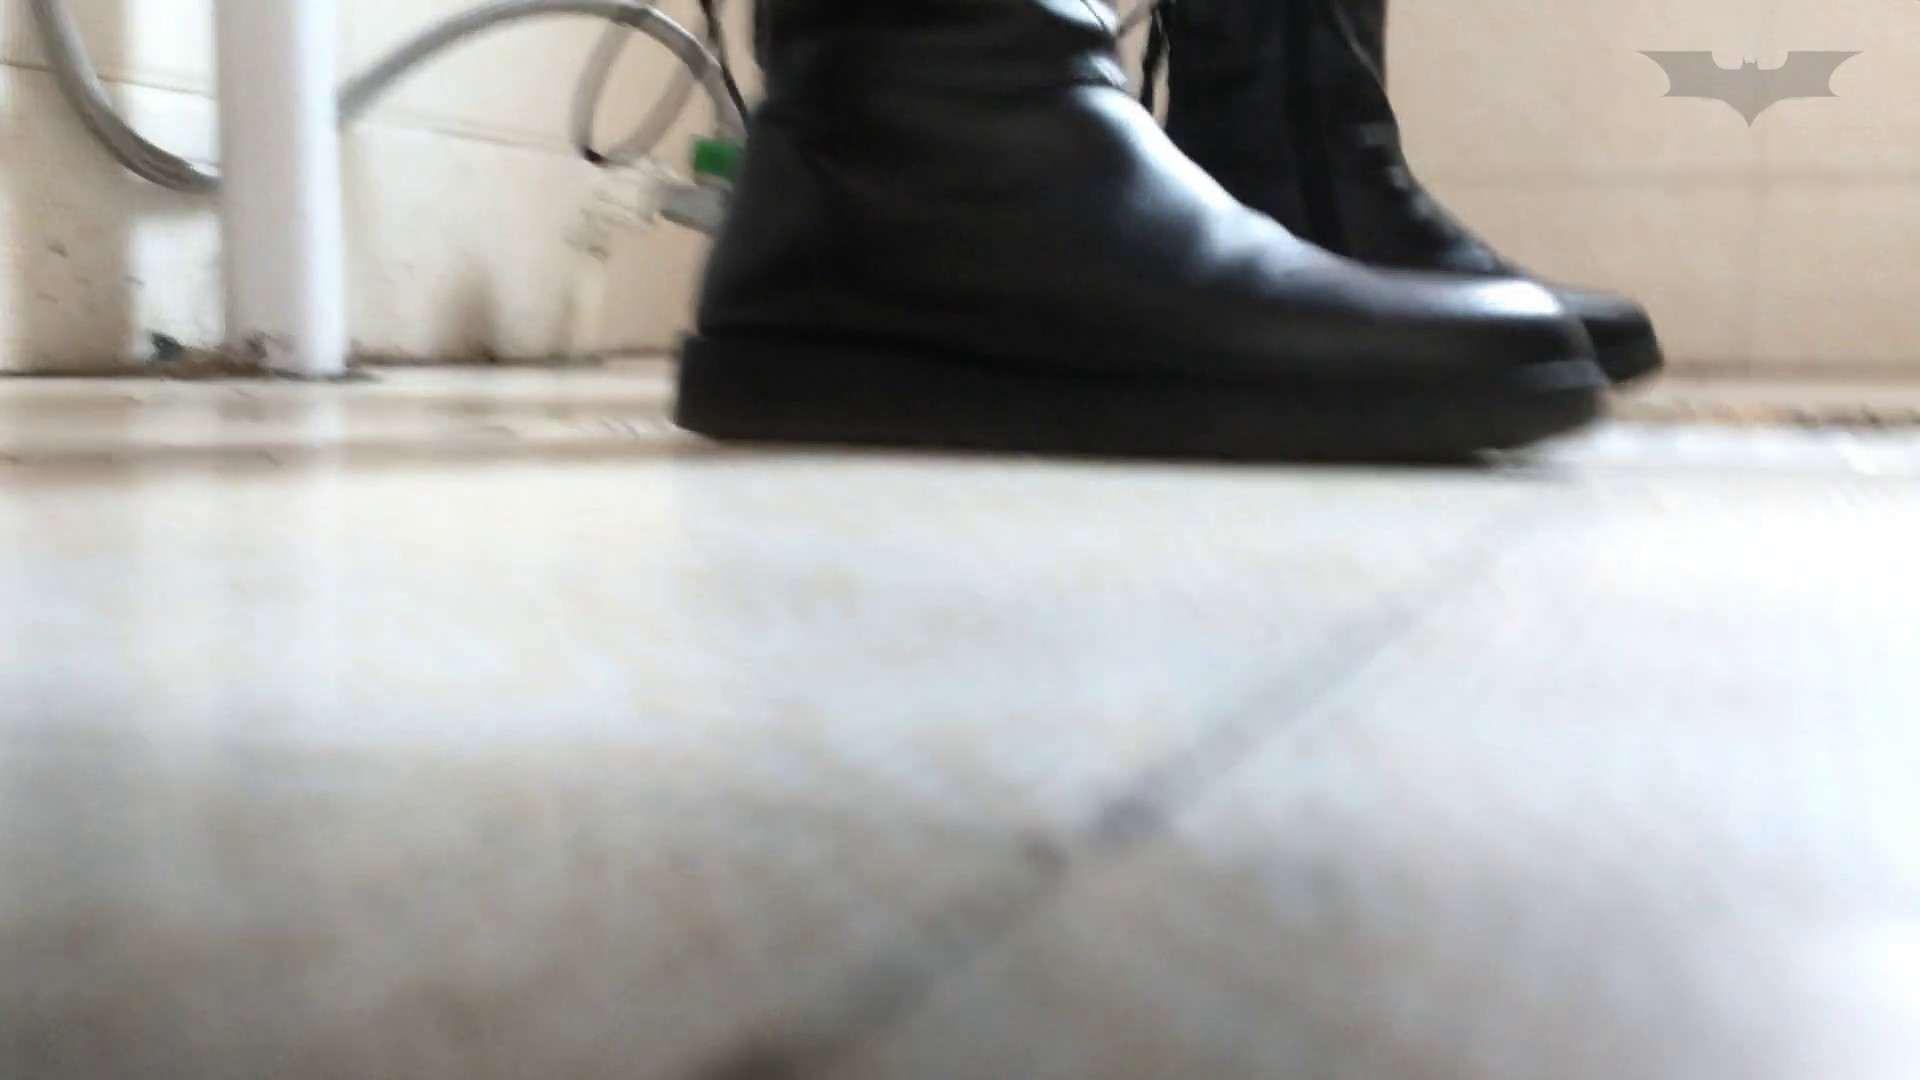 芸術大学ガチ潜入盗撮 JD盗撮 美女の洗面所の秘密 Vol.109 洗面所 盗撮画像 93連発 20